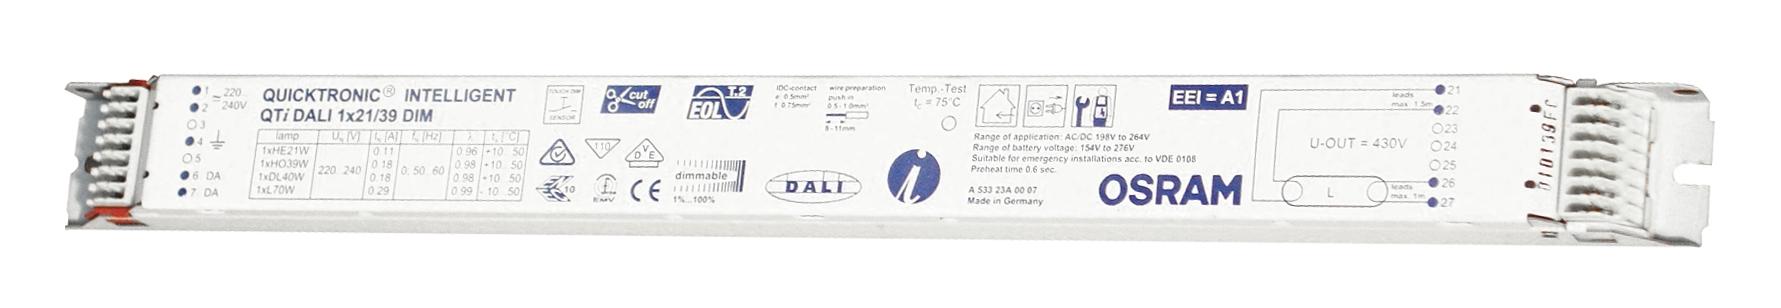 1 Stk EVG QTIDALI 1x14/24/220/240 für T5 dimmbar DALI LI5Z870380